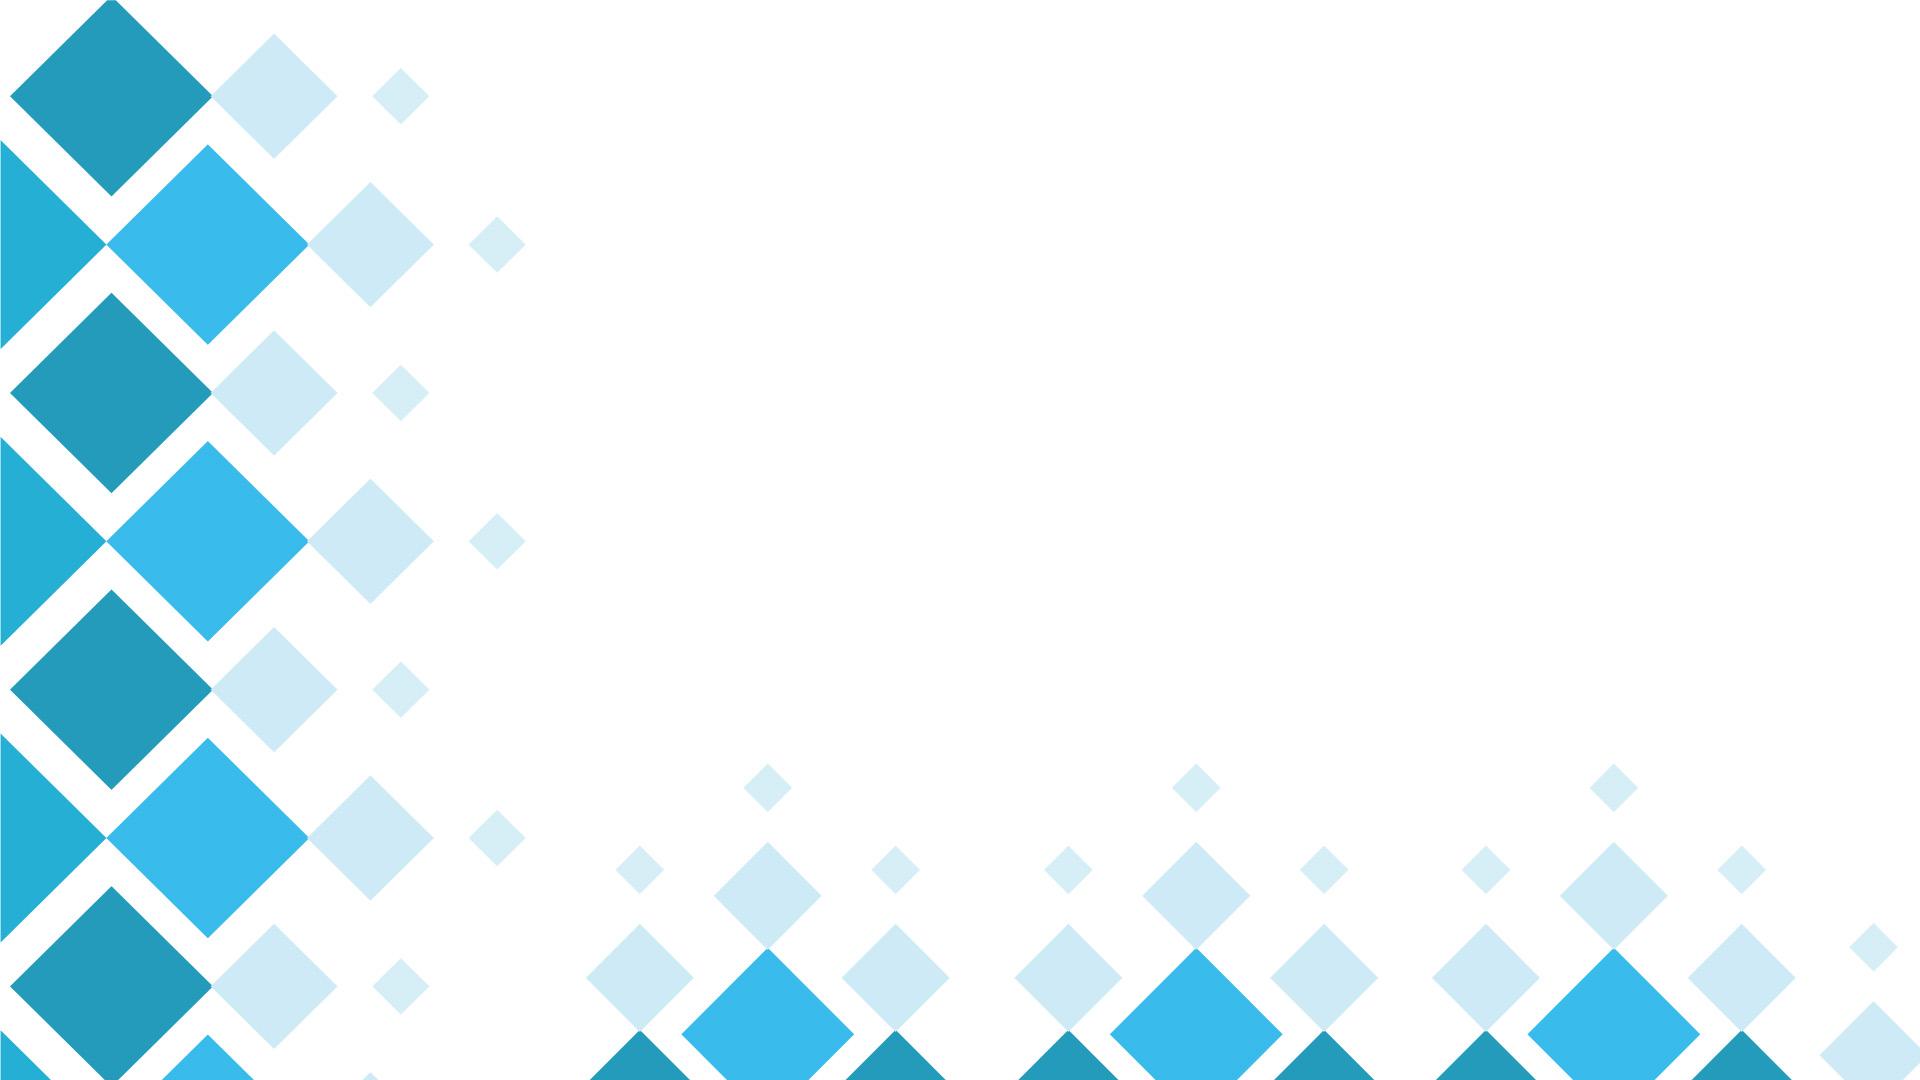 Hình nền Powerpoint sáng xanh cực chất 2